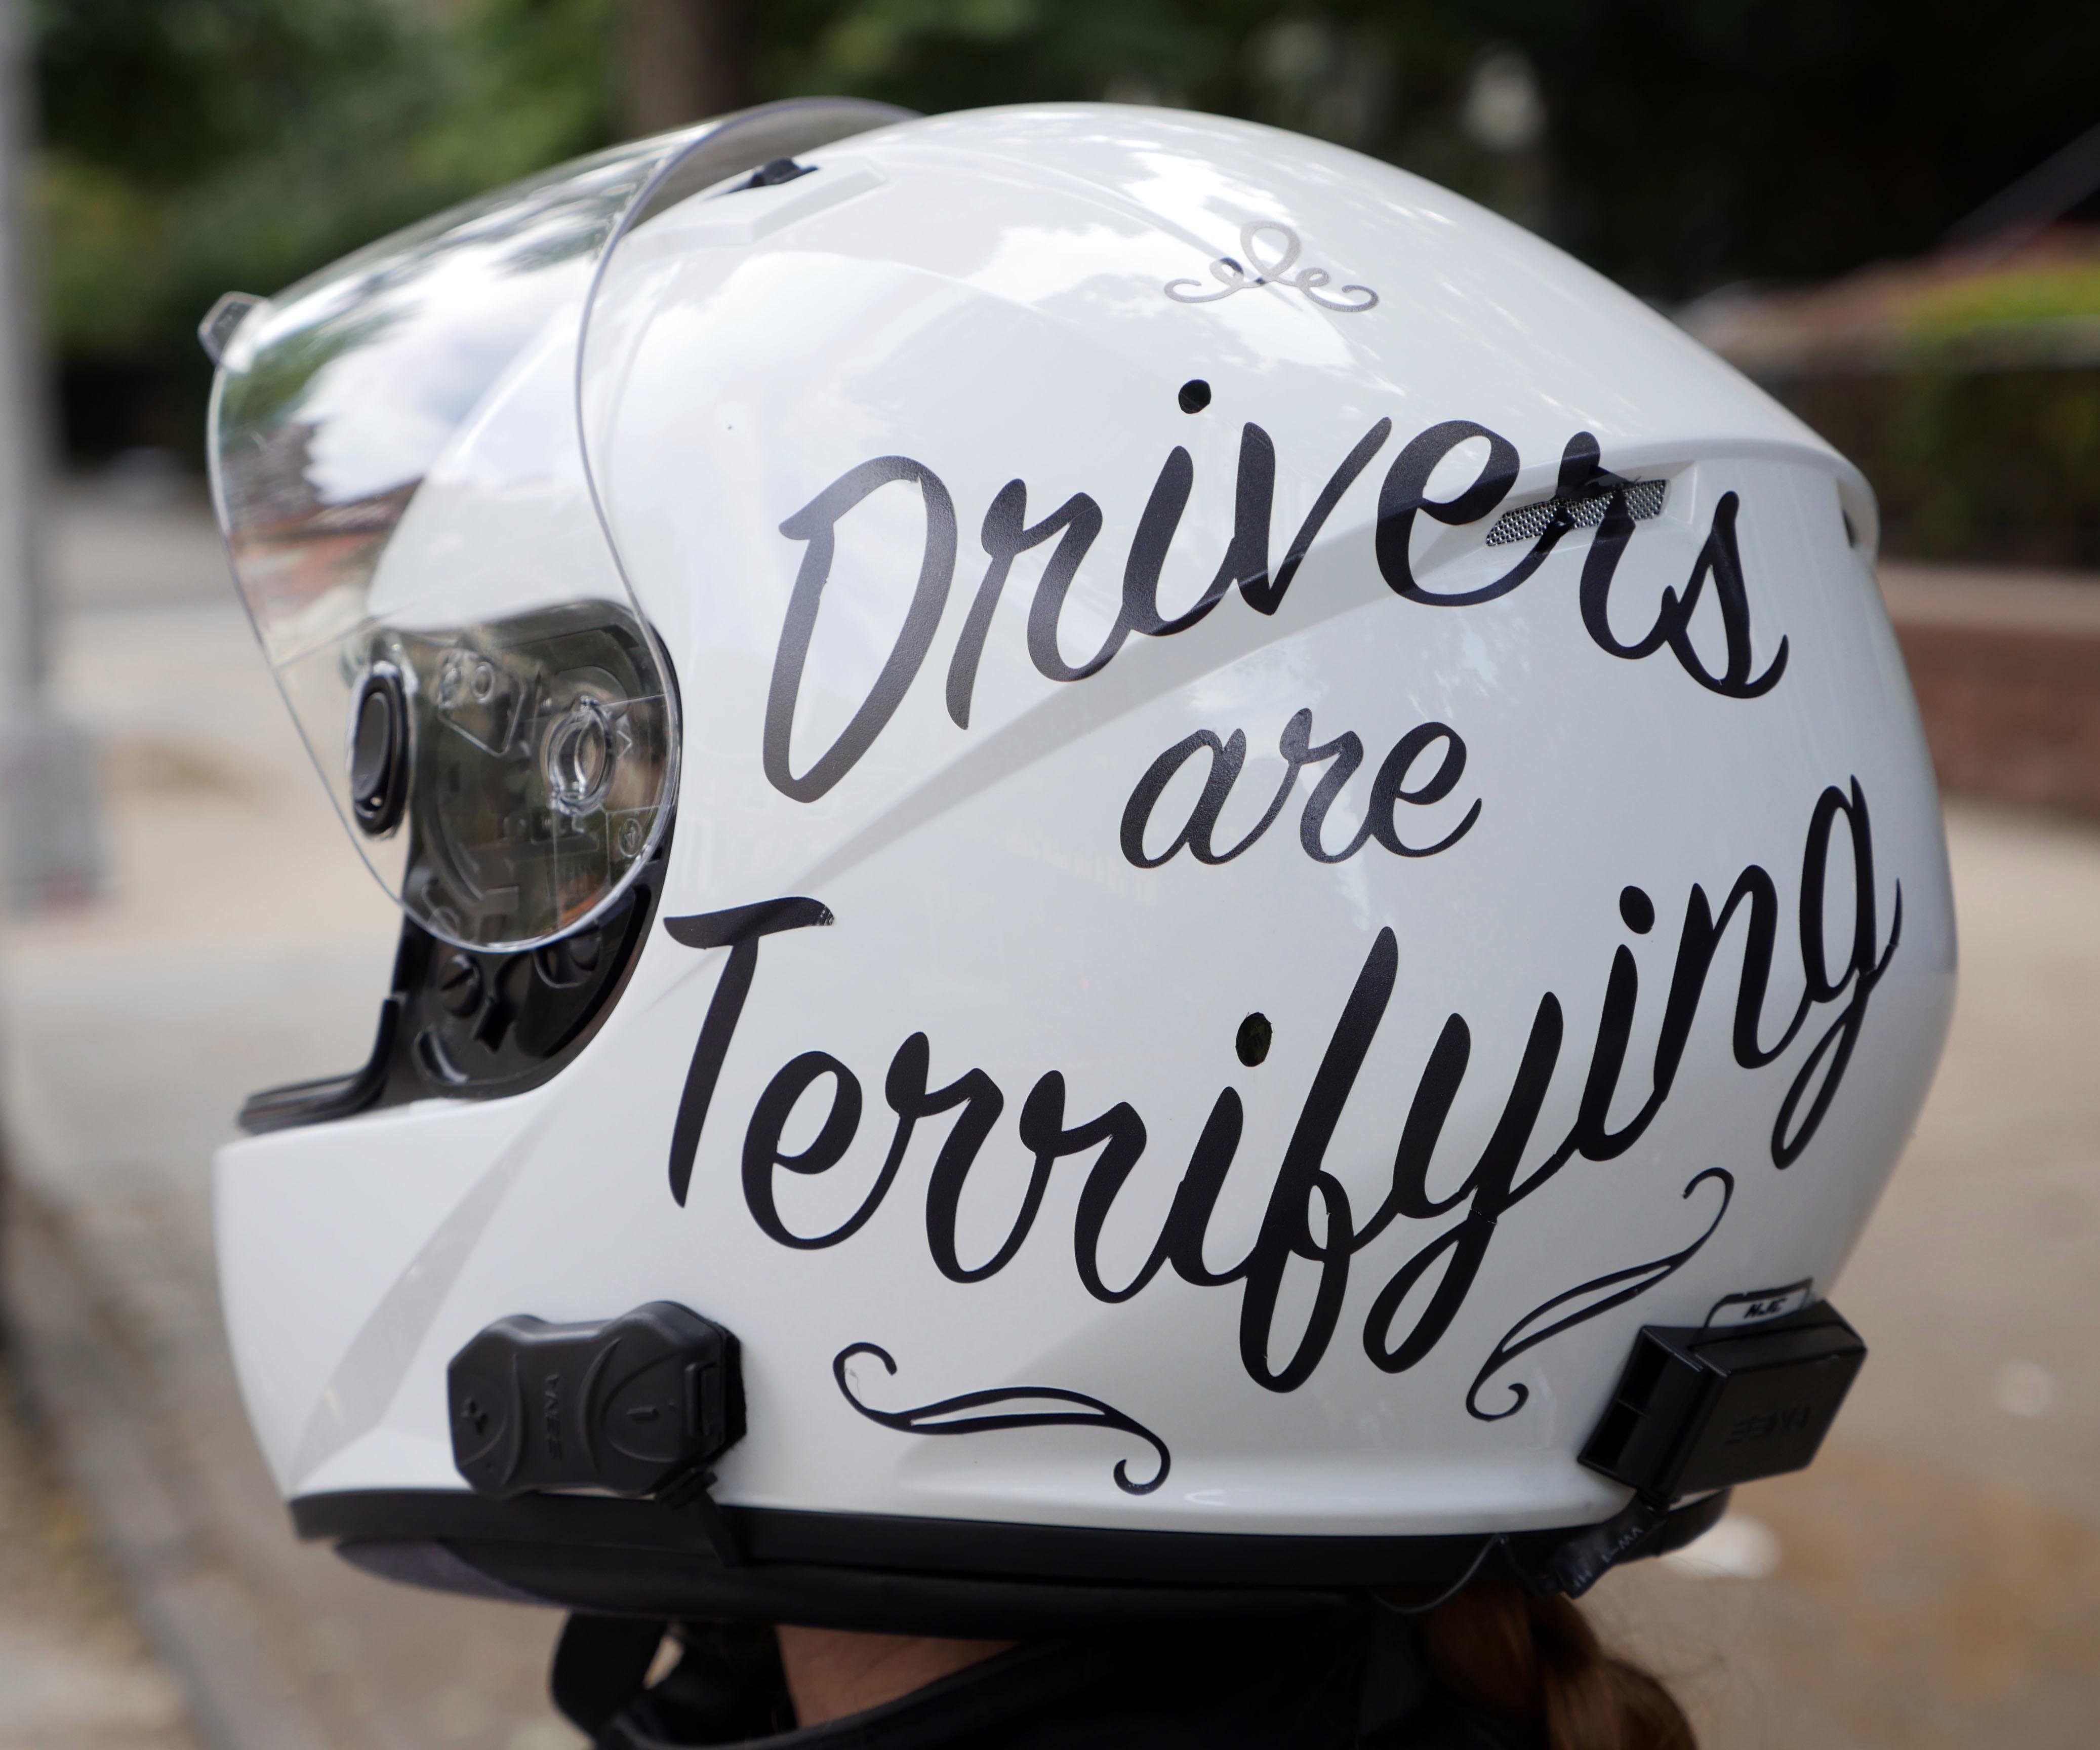 PERSONALISED INITIALS STICKER. MOTORCYCLE HELMET